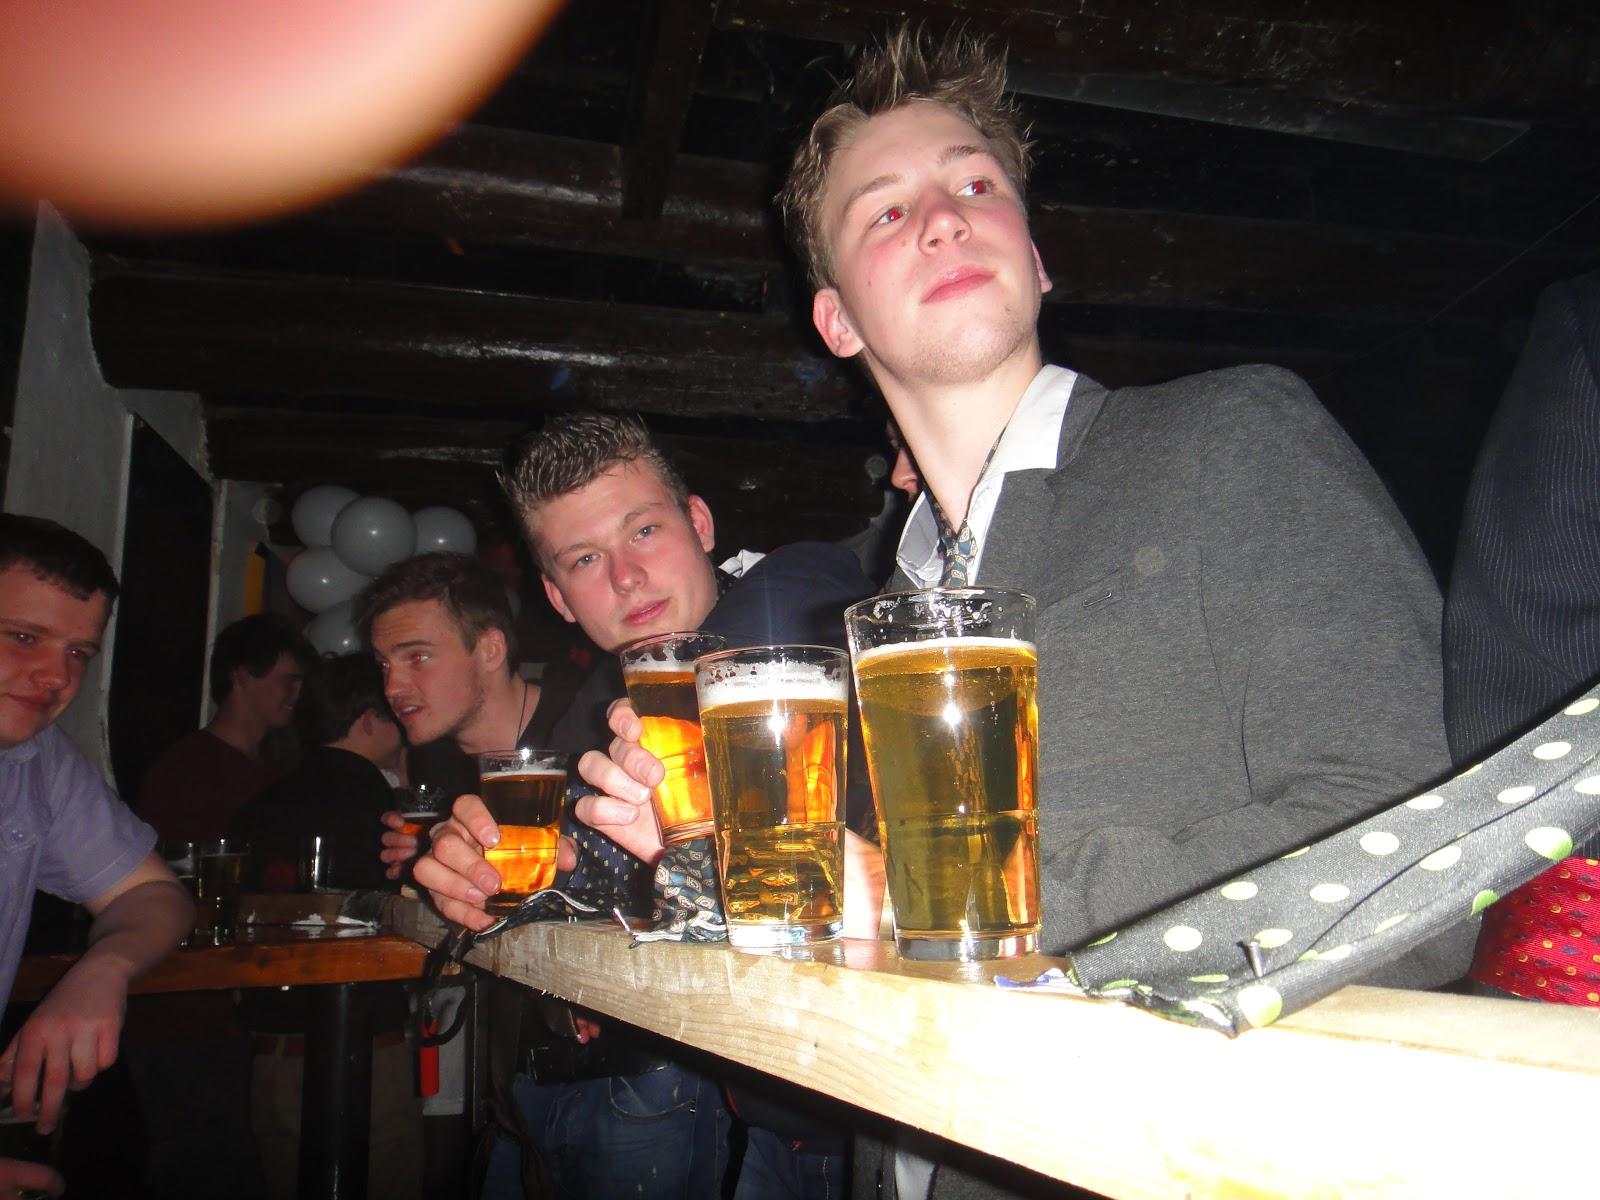 Bierweek - Dasjesspel & Feest